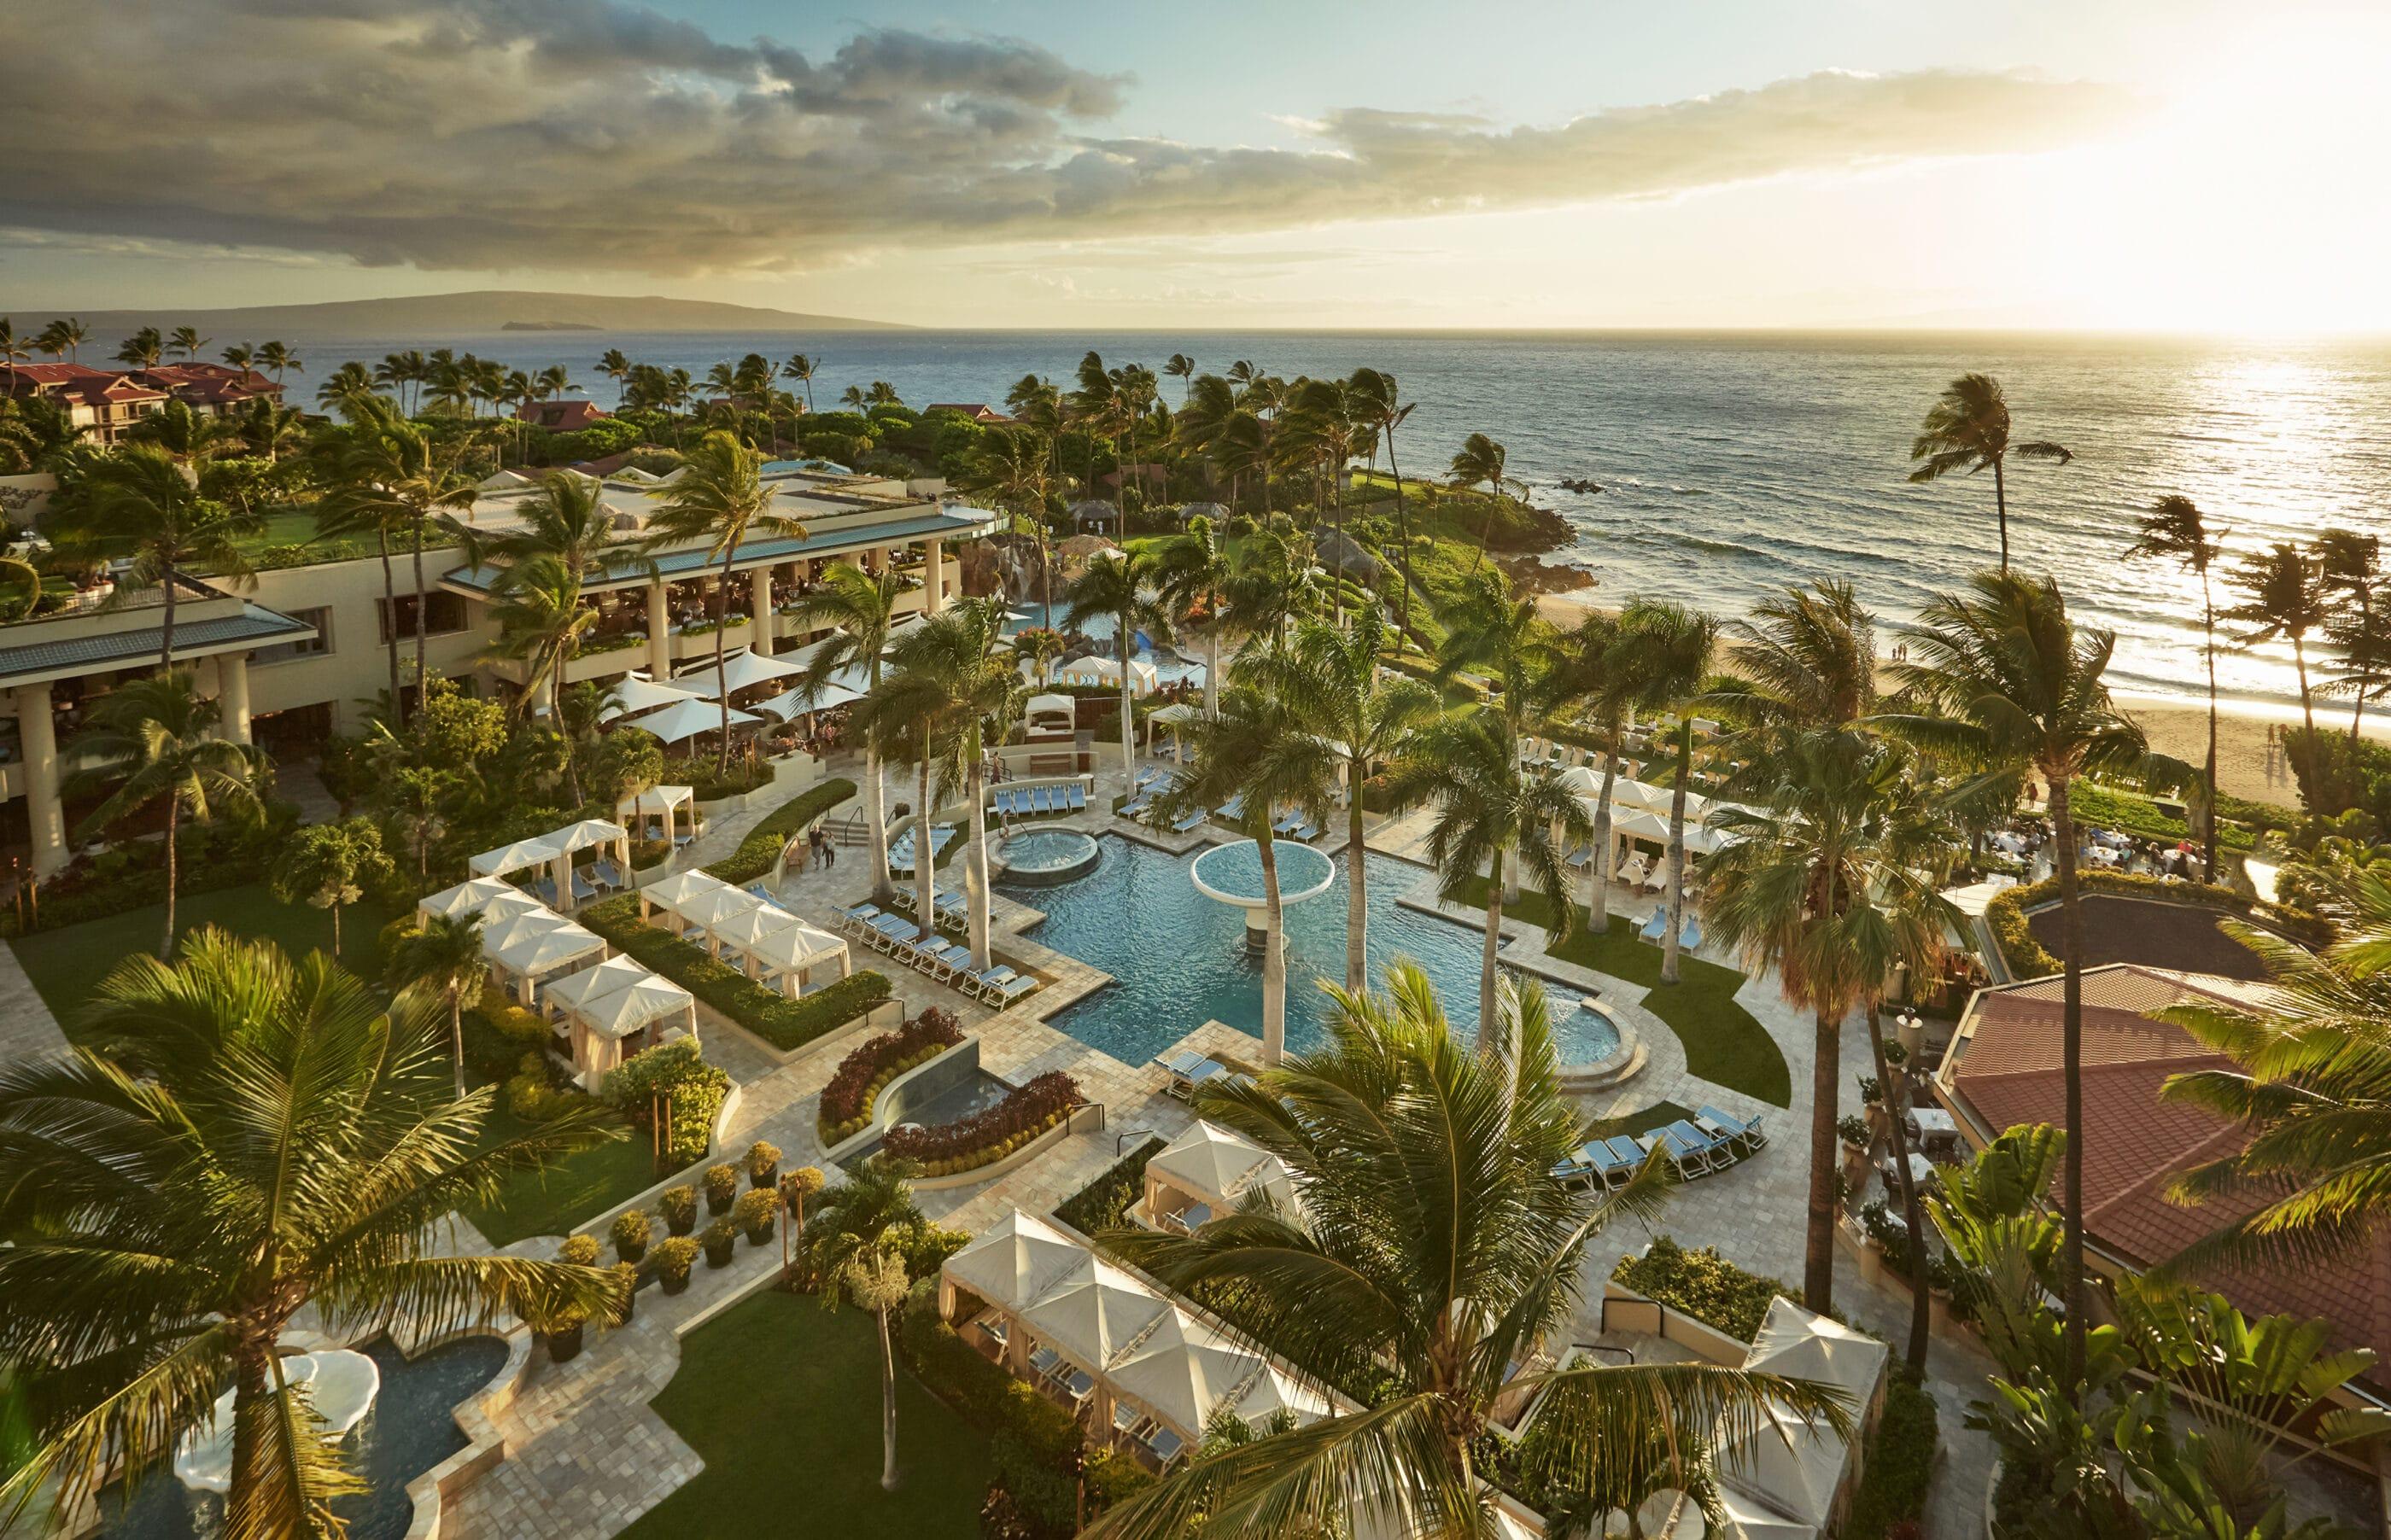 Best Maui Hawaii Hotels: Four Seasons Resort Maui at Wailea